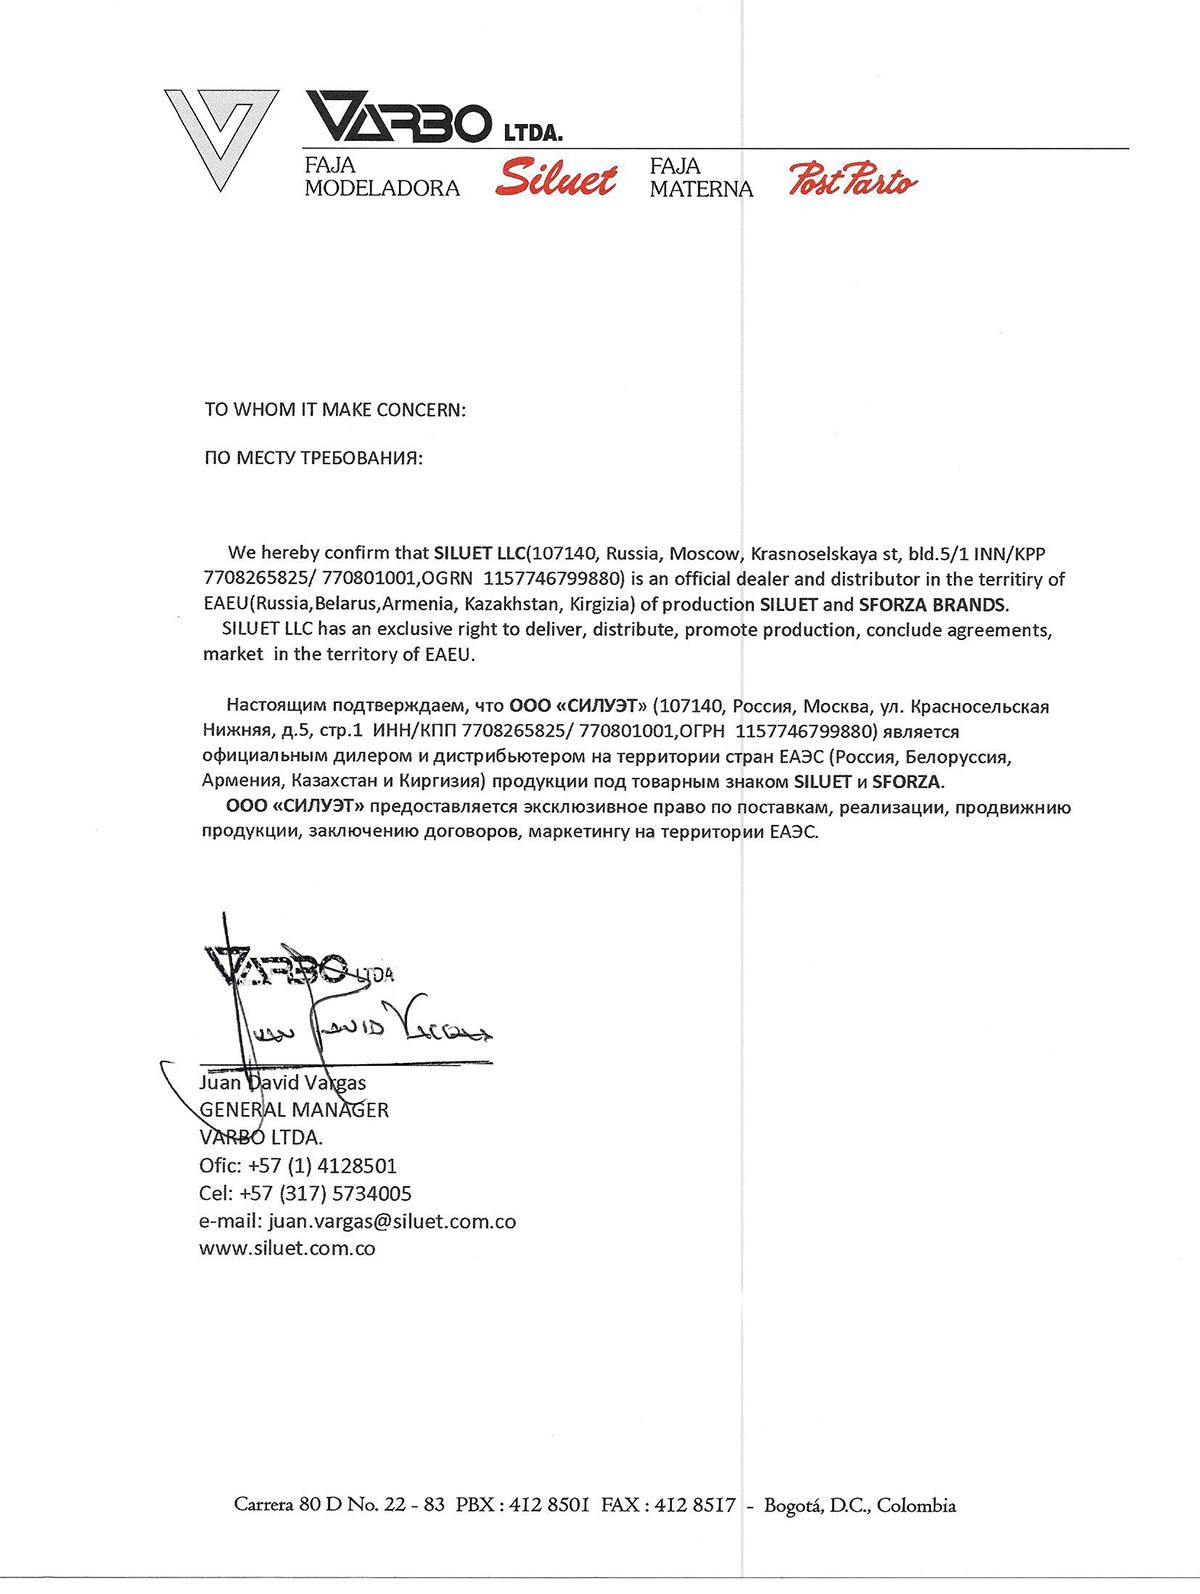 Диллерское письмо